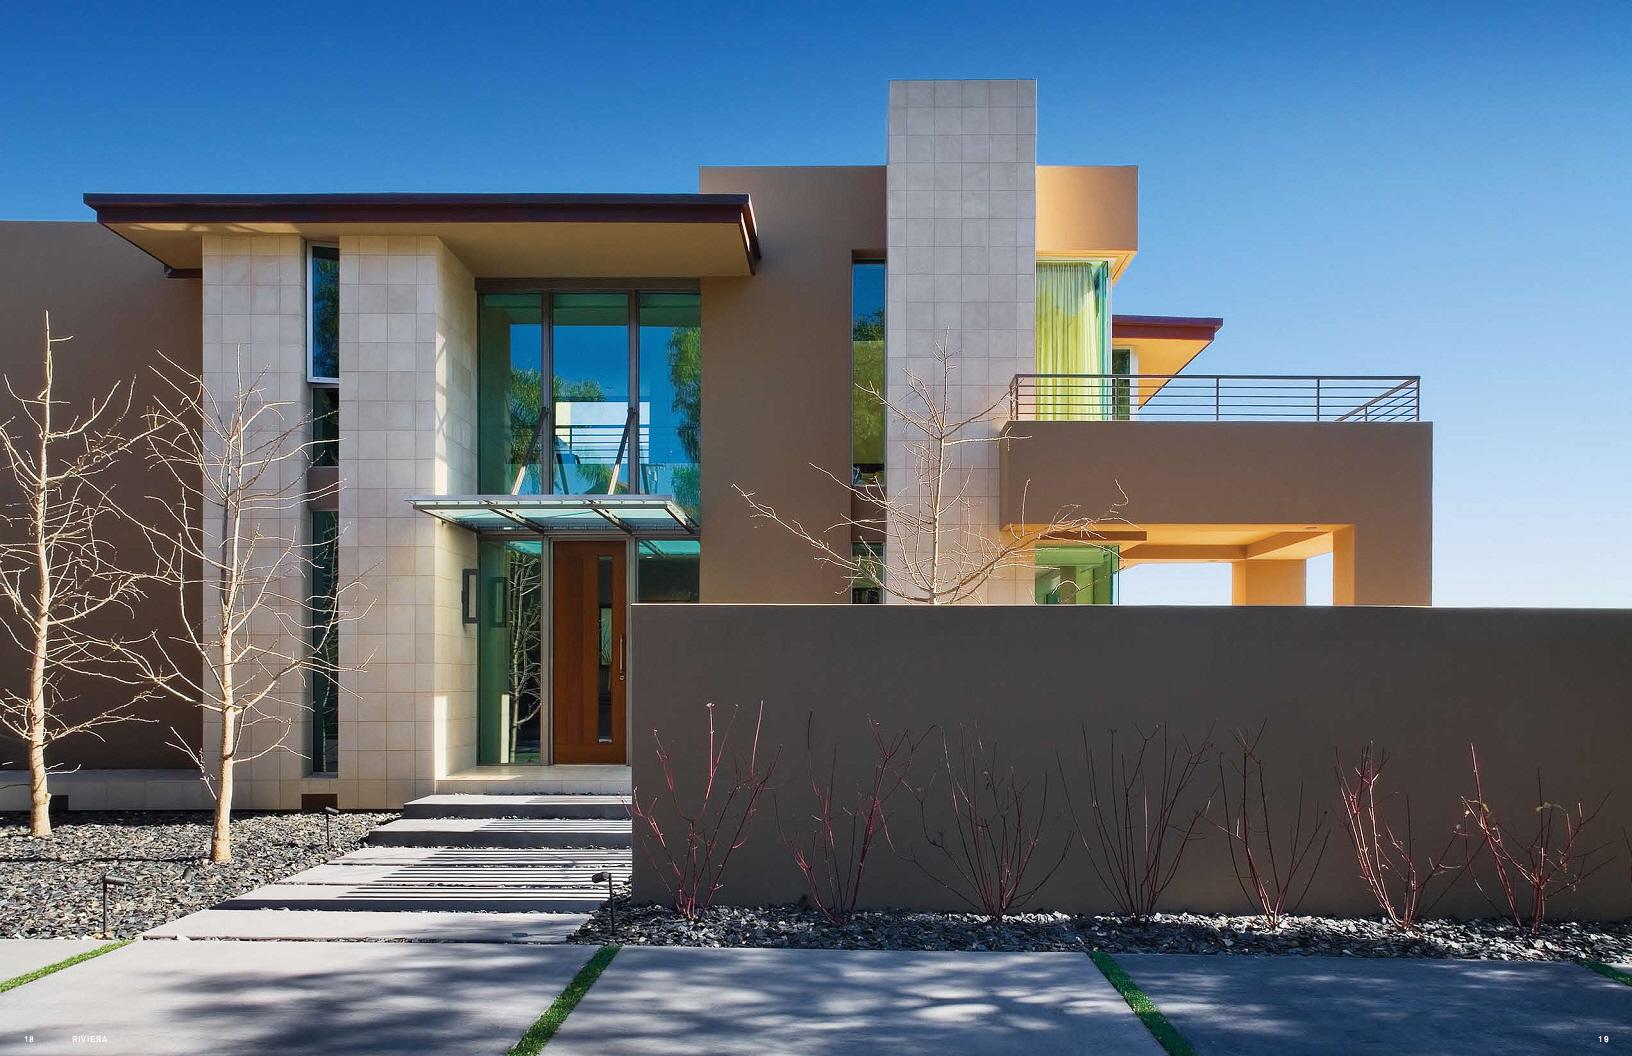 Rivera Residence By Shubin Donaldson KARMATRENDZ